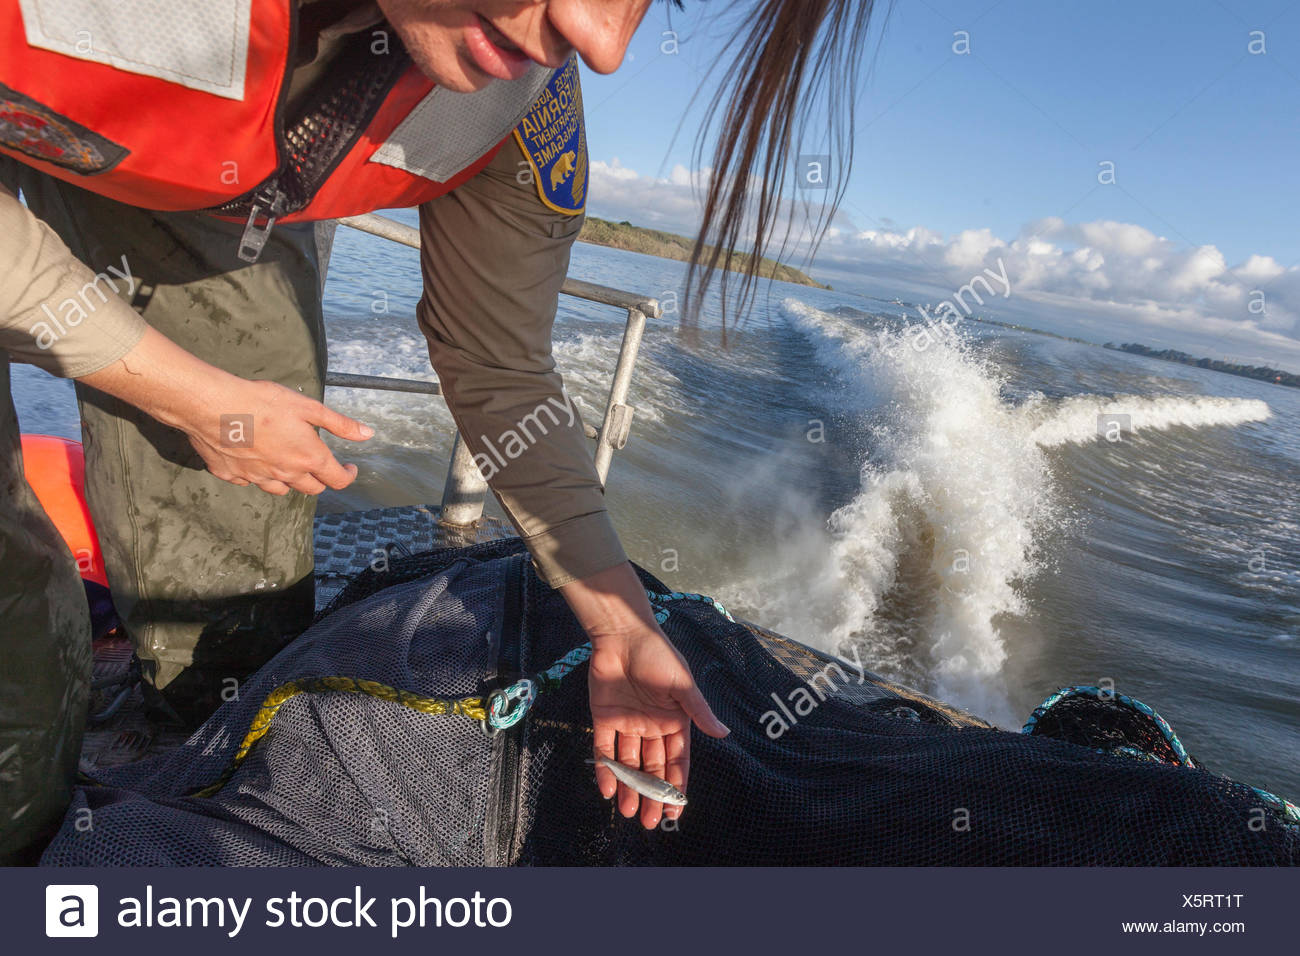 Científico medioambiental lauren damon de california departamento de peces y fauna silvestre, la realización de un muelle de arrastre de Kodiak para delta olía en el delta de California cerca de Antioquía, ca. encontraron un solo adulto. Ayudante es Chelsea Lewis. Aquí no cogieron una pequeña partida de salmón hacia el océano. Foto de stock